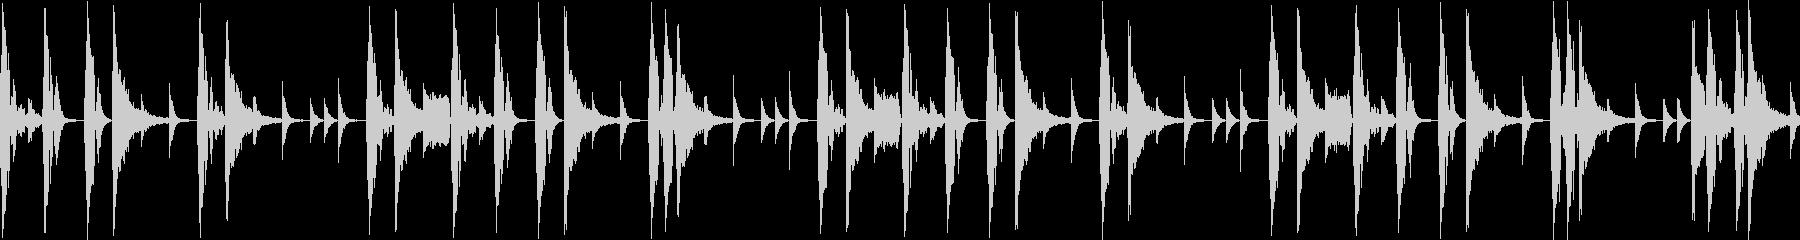 ノリの良いブレークビーツ_005の未再生の波形